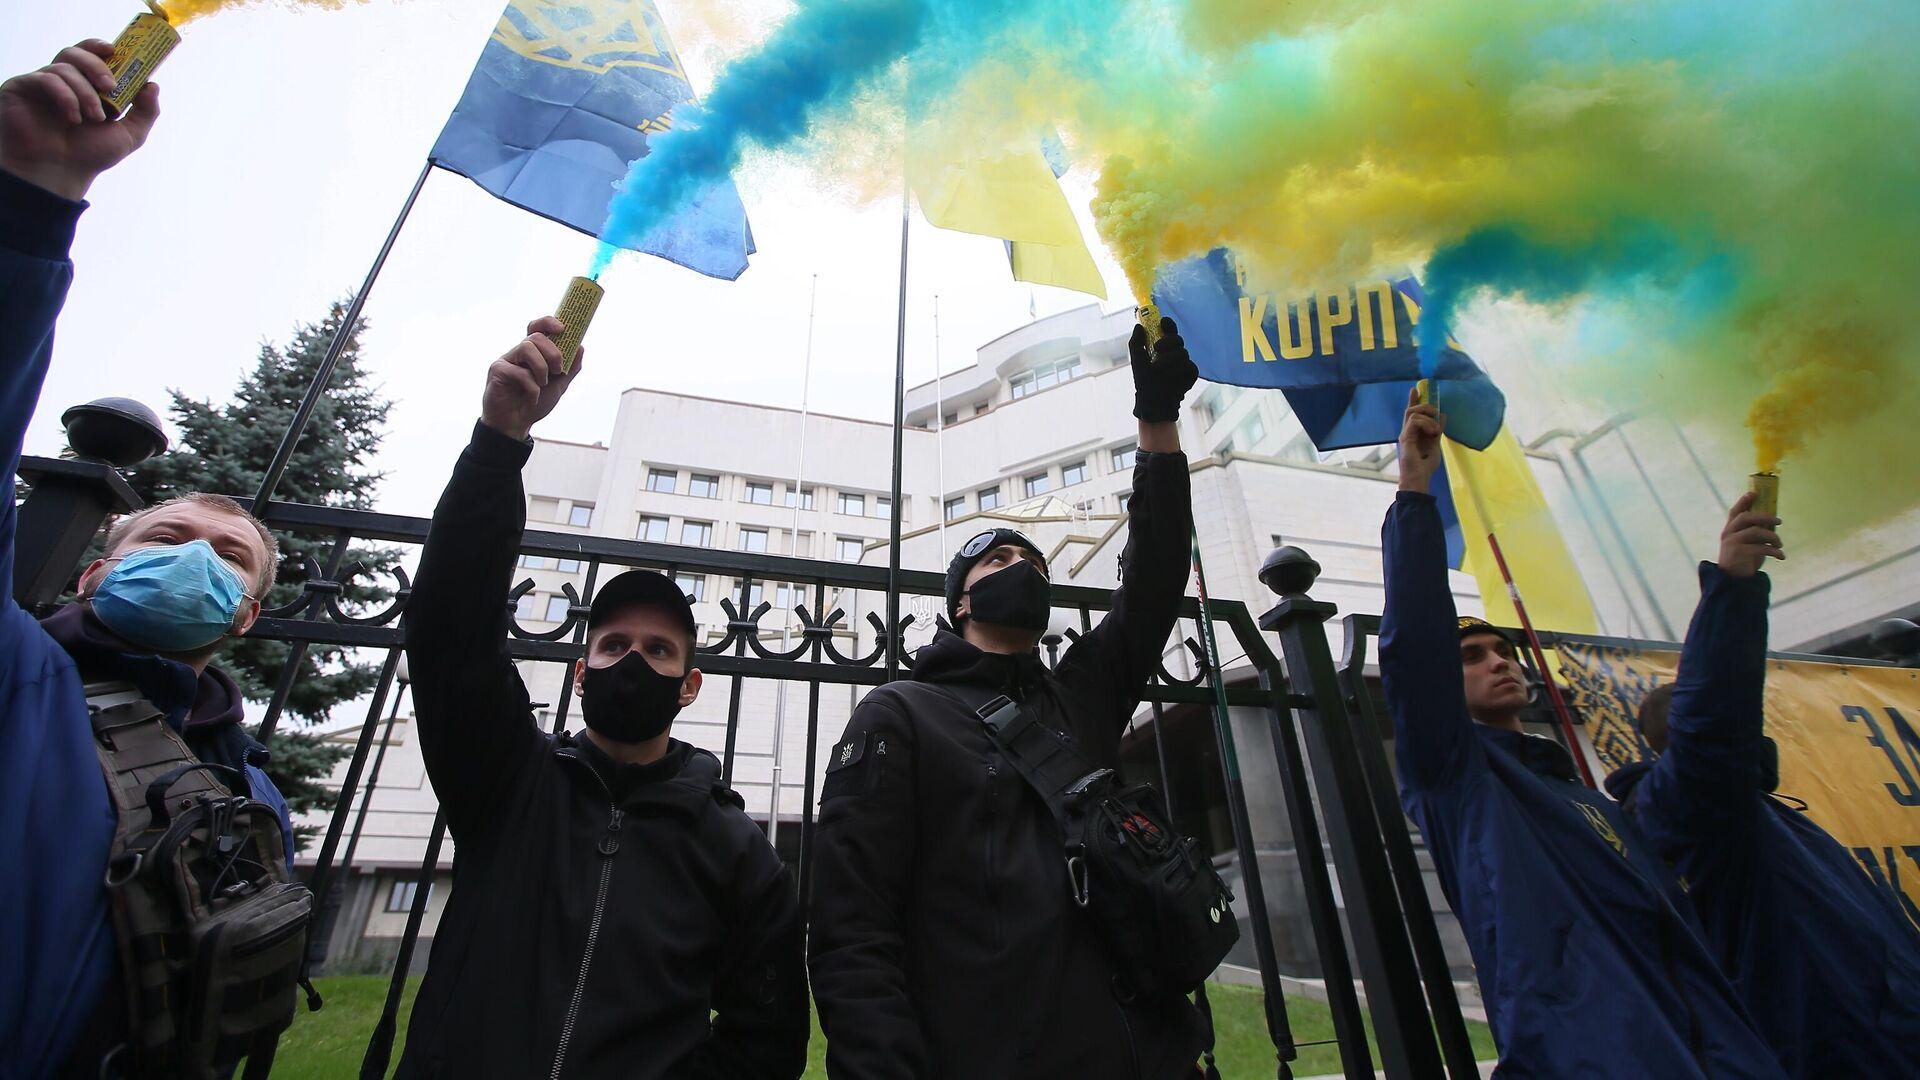 Участники акции протеста у здания Конституционного суда в Киеве - РИА Новости, 1920, 10.01.2021